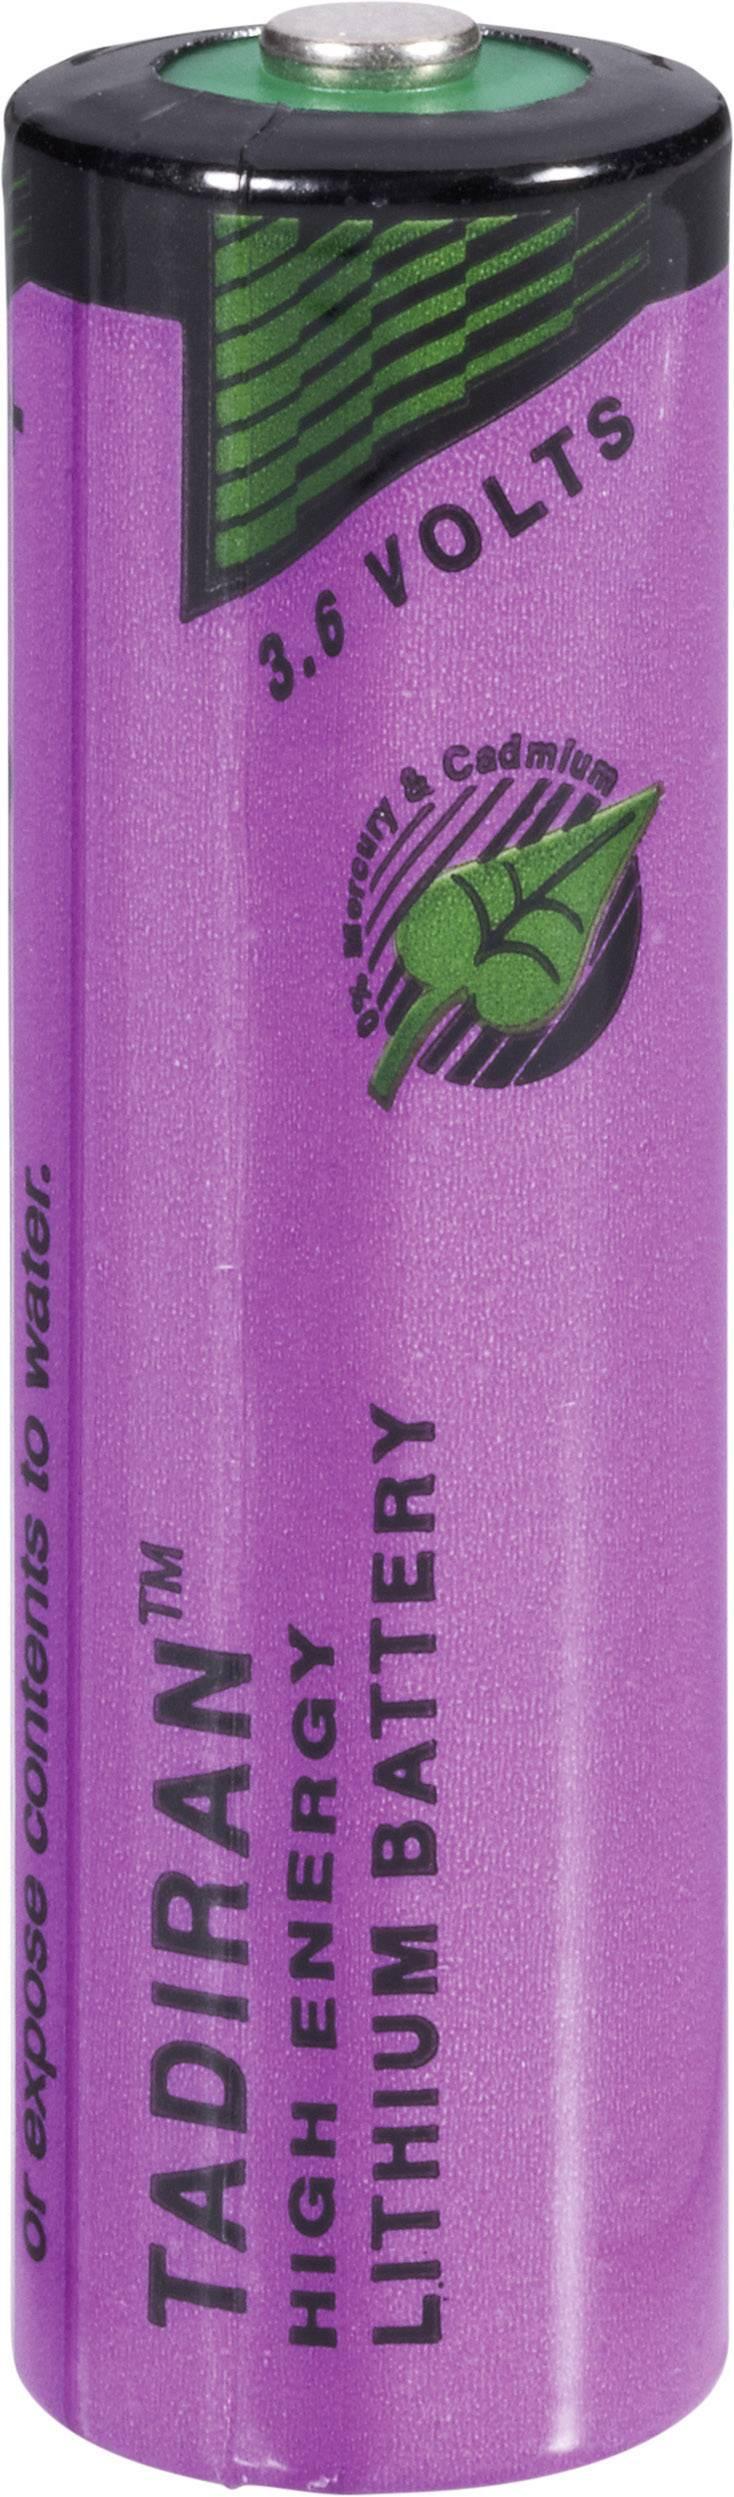 Líthiová batéria SL-760/S, 2200 mAh